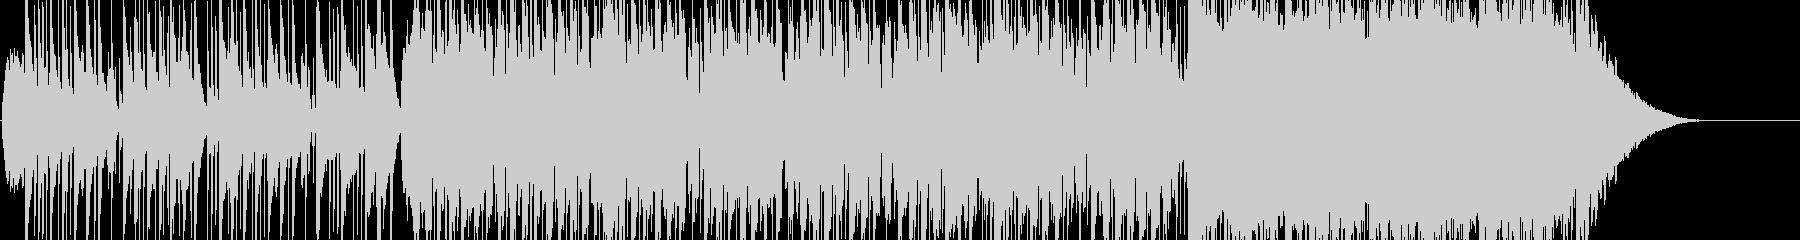 ポップなマーチング風の入場曲の未再生の波形